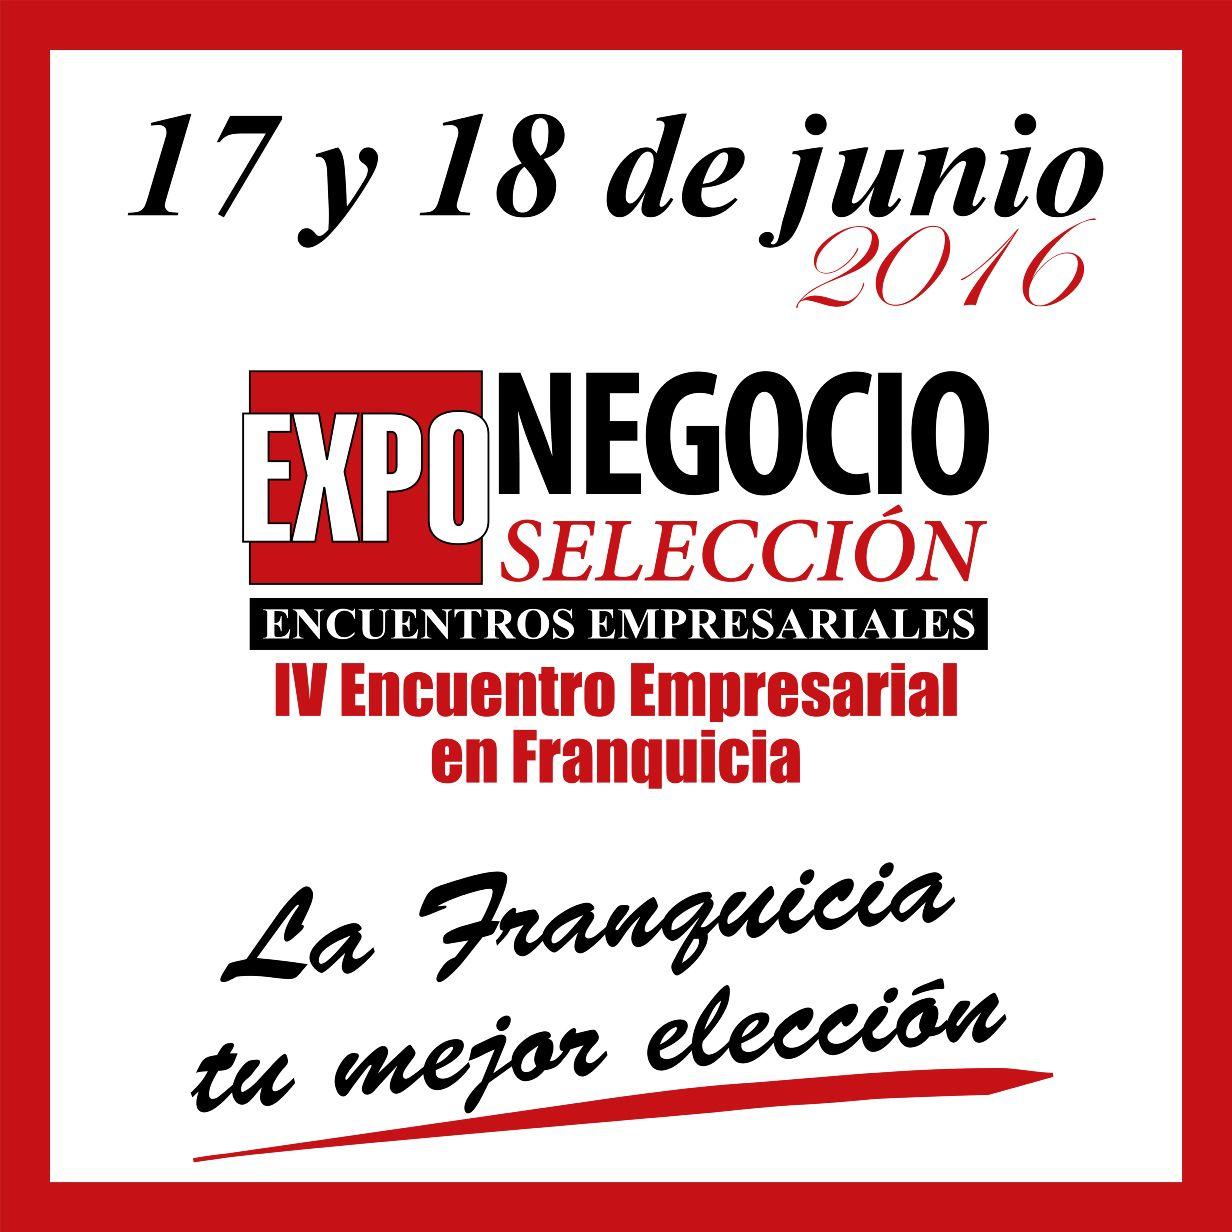 Cita para los emprendedores con la Franquicia en Oviedo